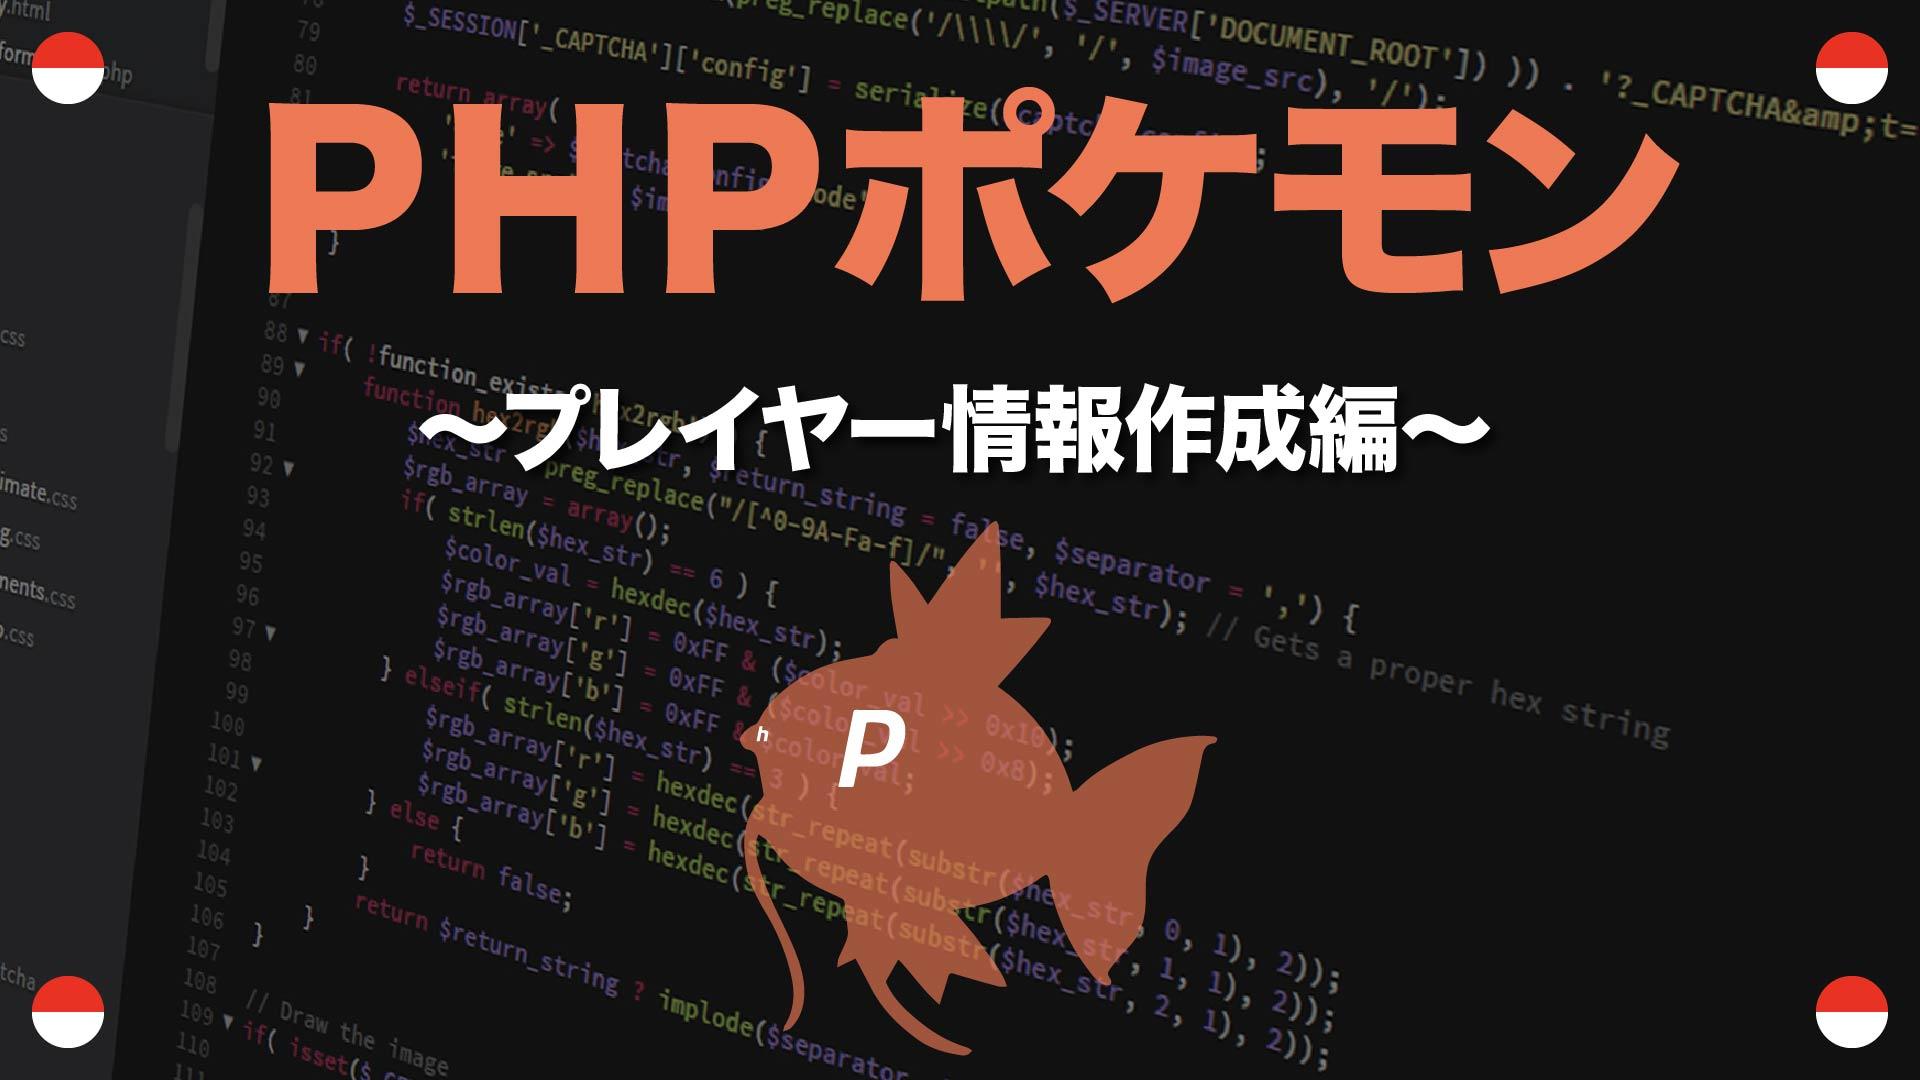 プレイヤー情報作成編 PHPポケモン72